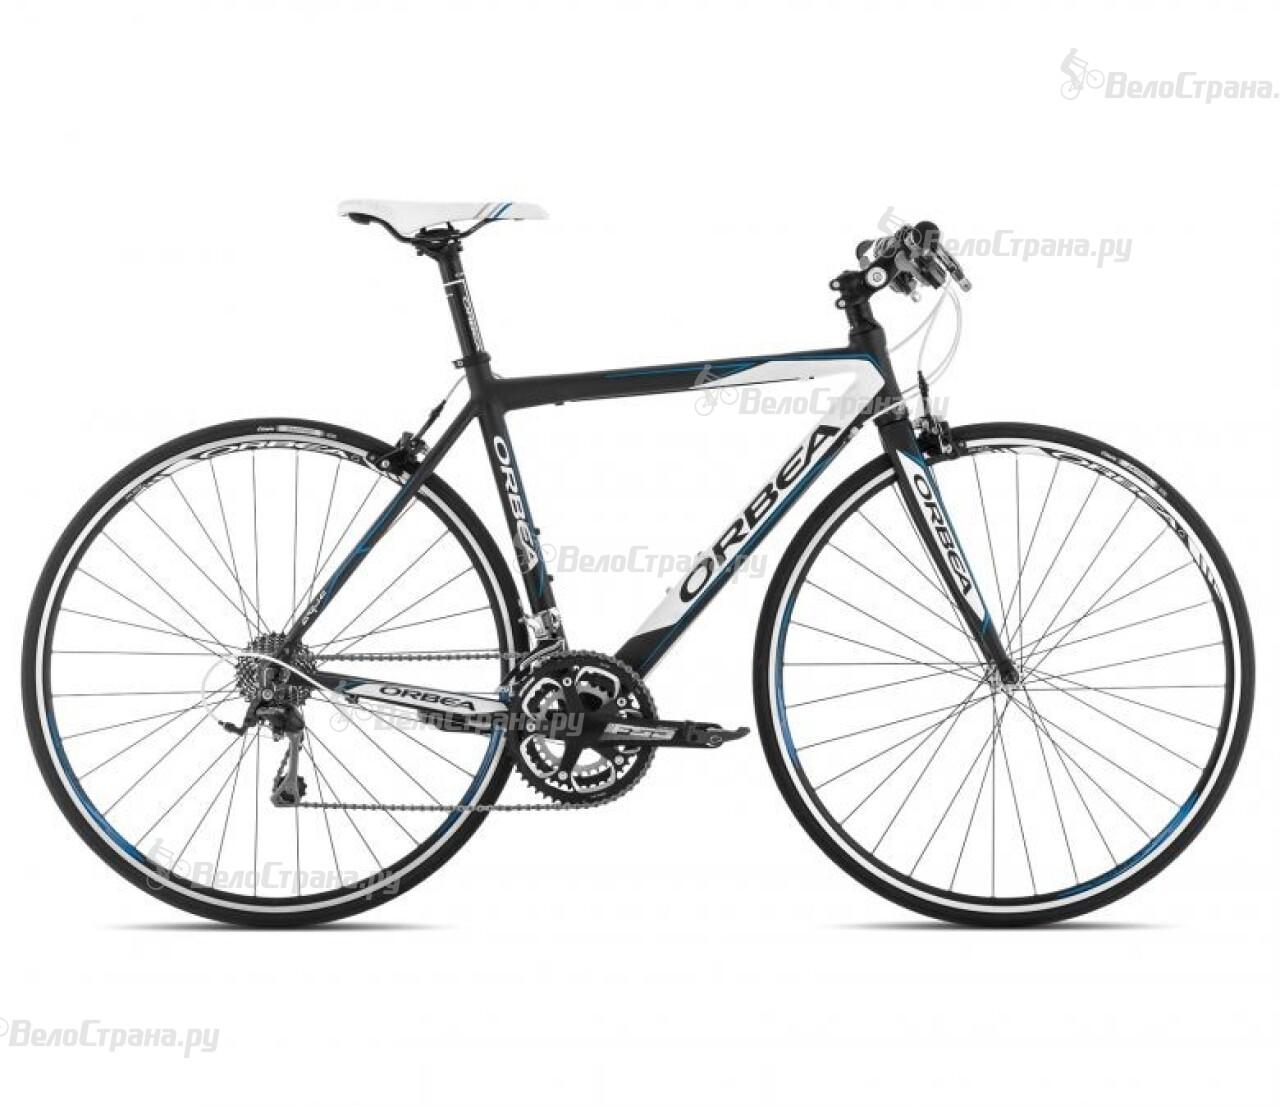 Велосипед Orbea Aqua 10 Flat (2014) велосипед orbea aqua tsr flat 2013